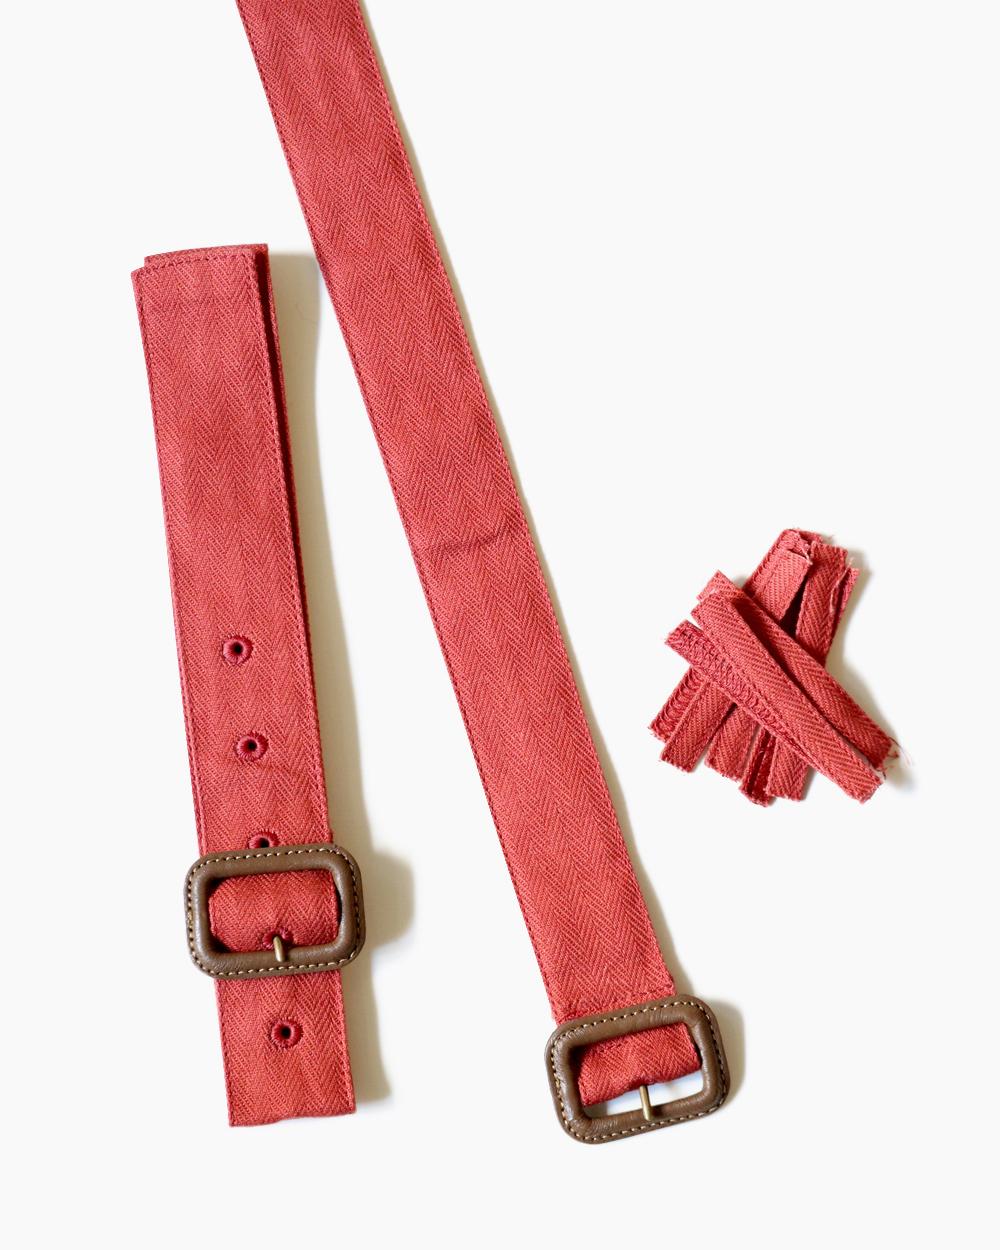 裾上げ後、後付けの裾ベルトはレザーバックルと8個のループで構成されます。